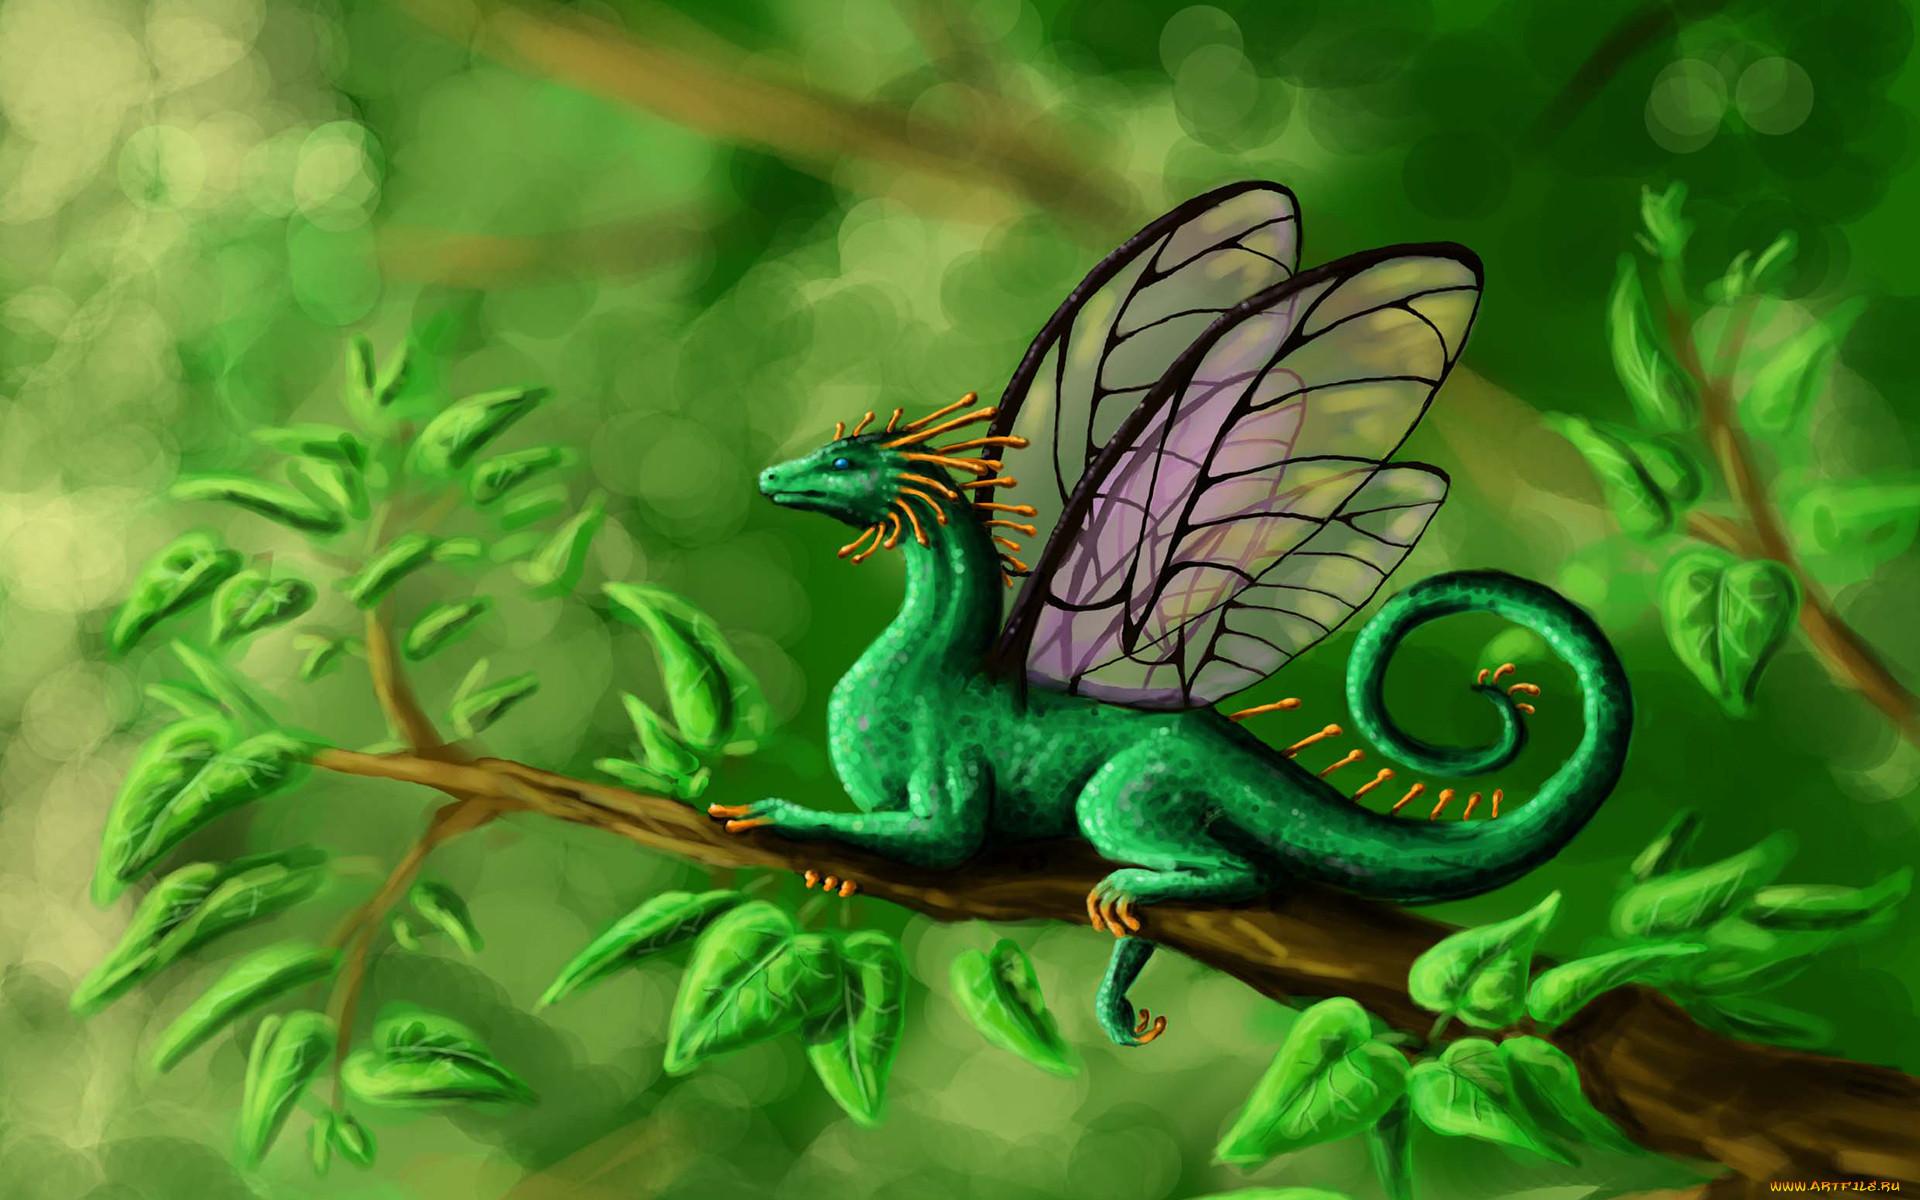 драконы сказочные волшебные картинки если это готическое